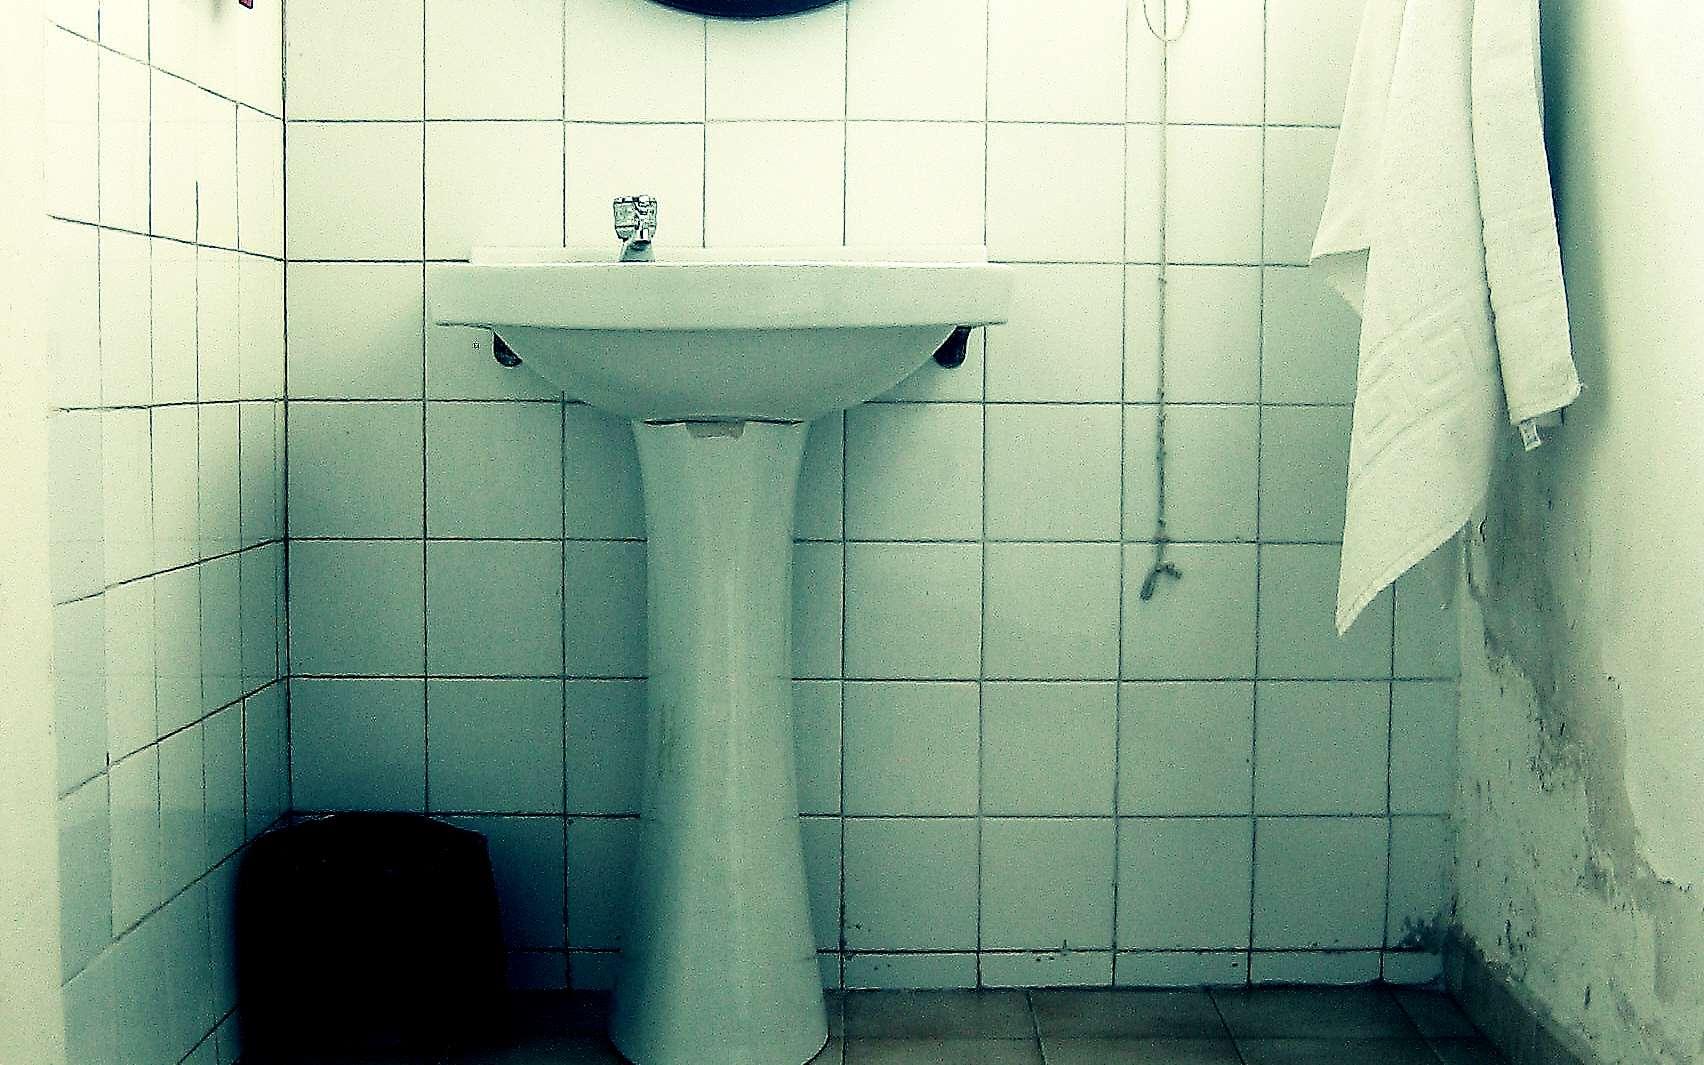 Un lavabo à colonne permet de dissimuler la tuyauterie sanitaire. © Antonio Martinez, CC BY-NC-SA 2.0, Flickr